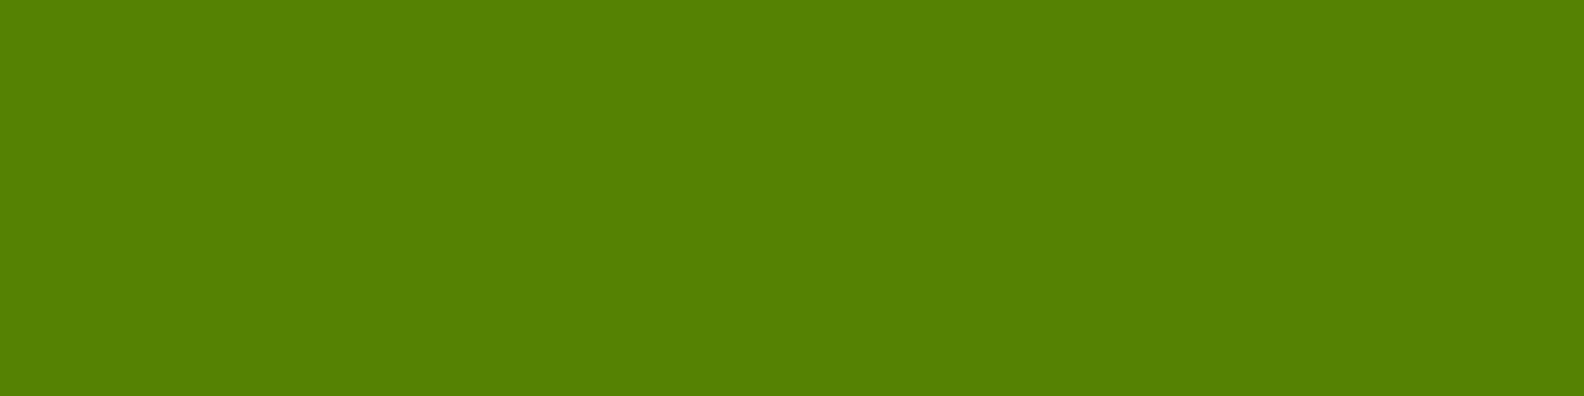 1584x396 Avocado Solid Color Background